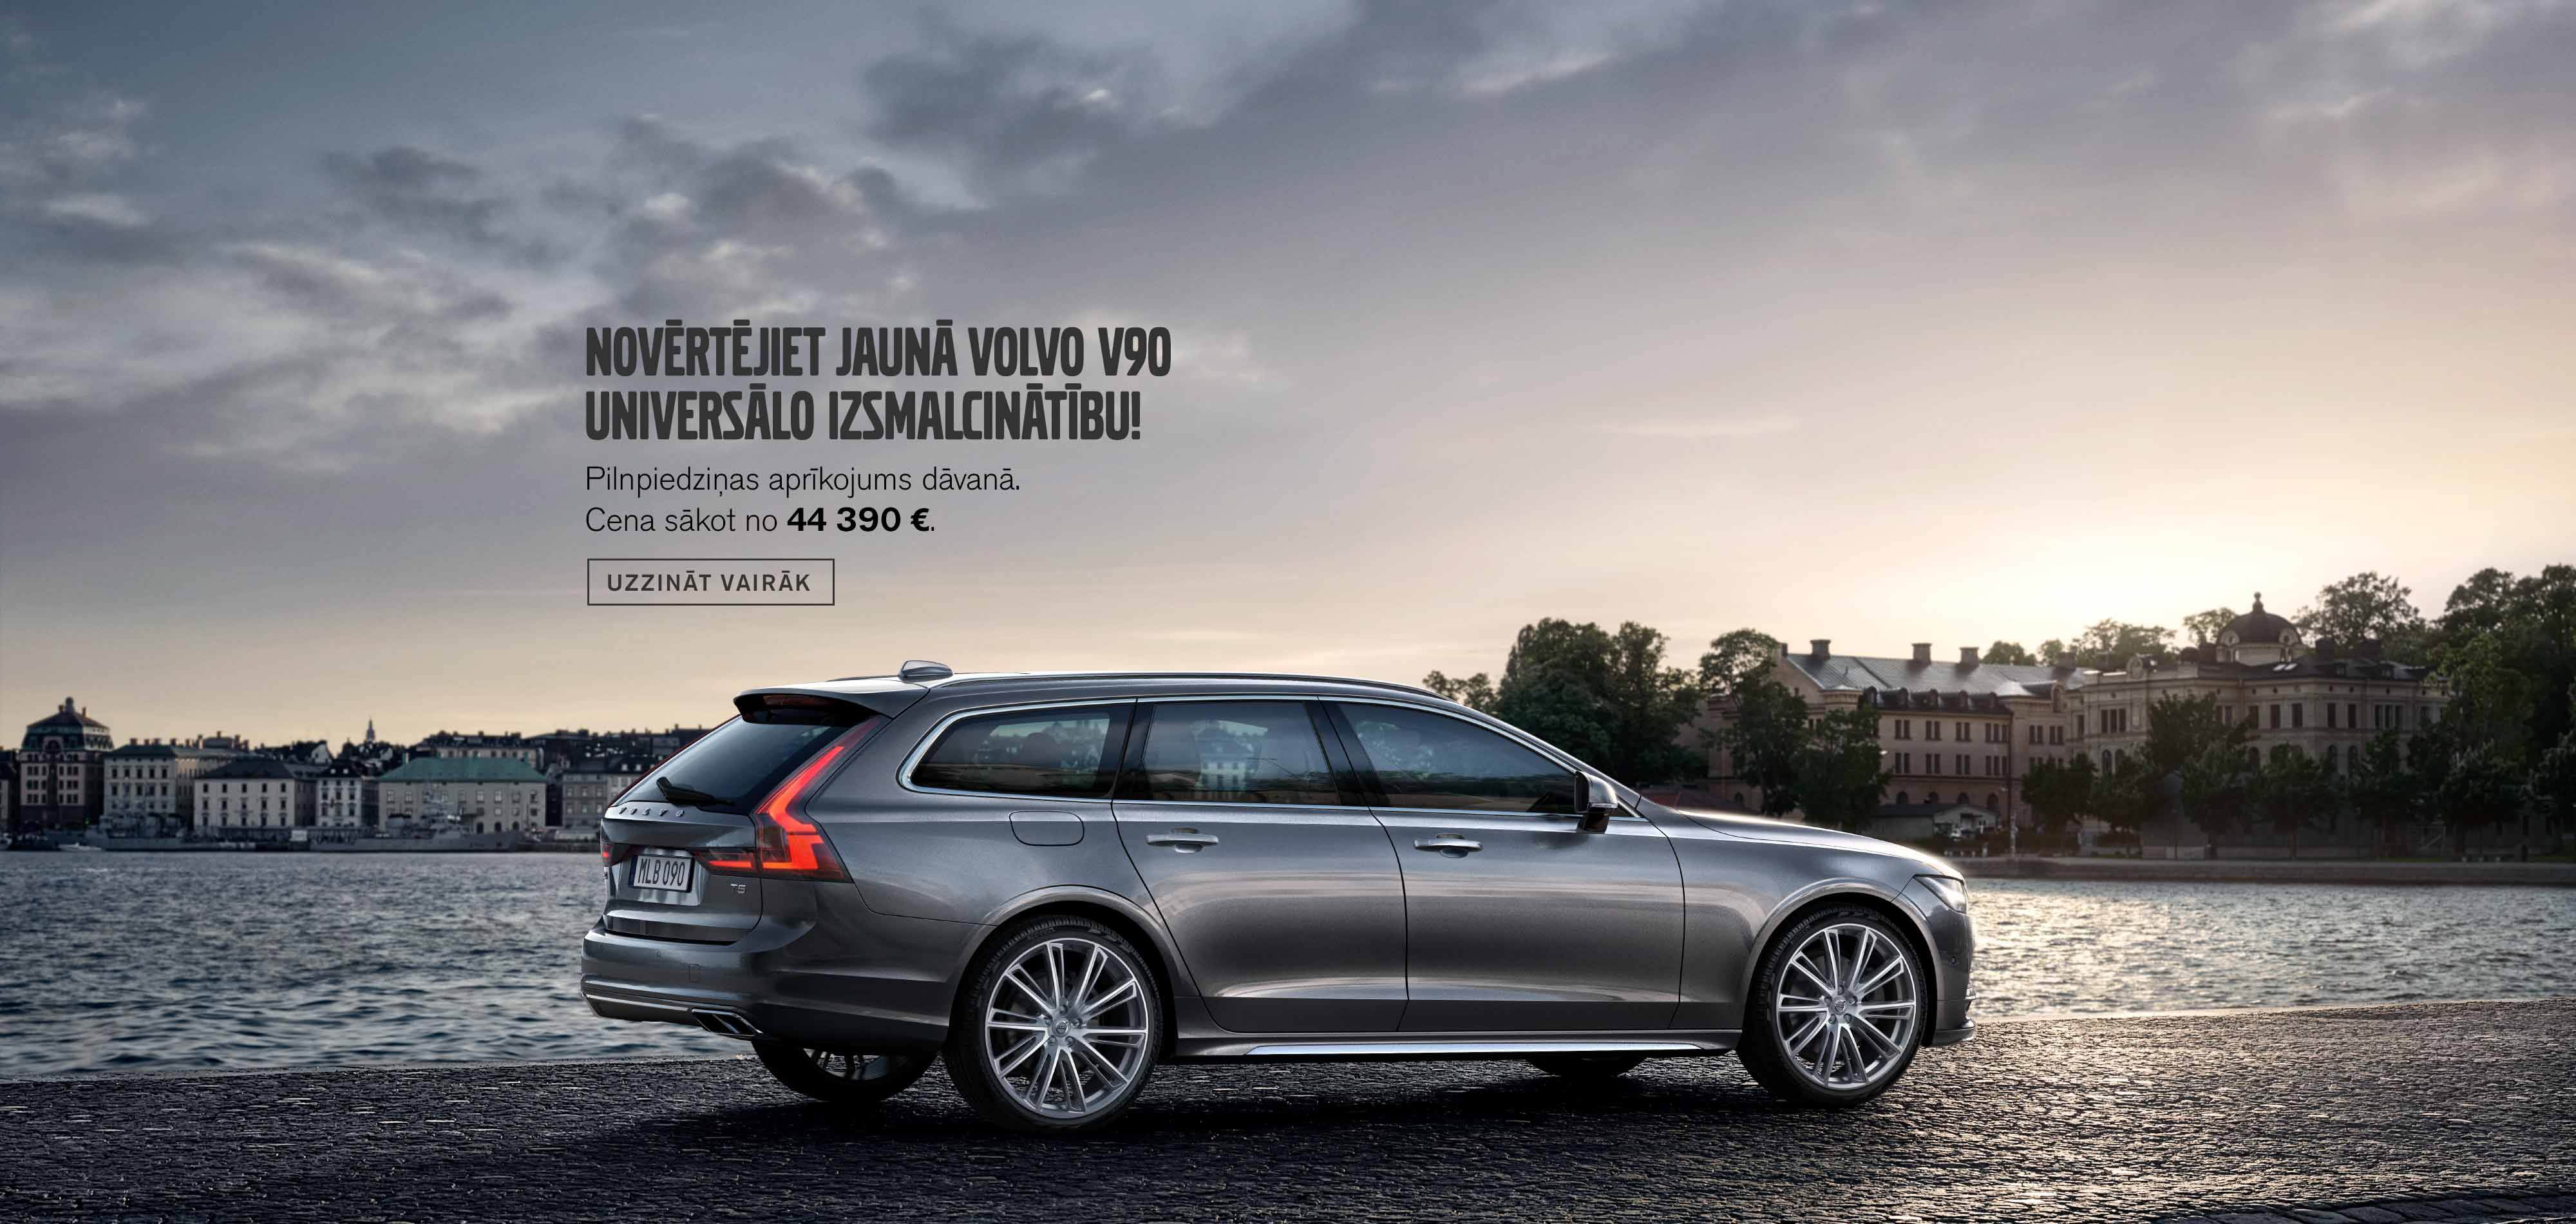 Jaunā Volvo V90 universālā izsmalcinātība